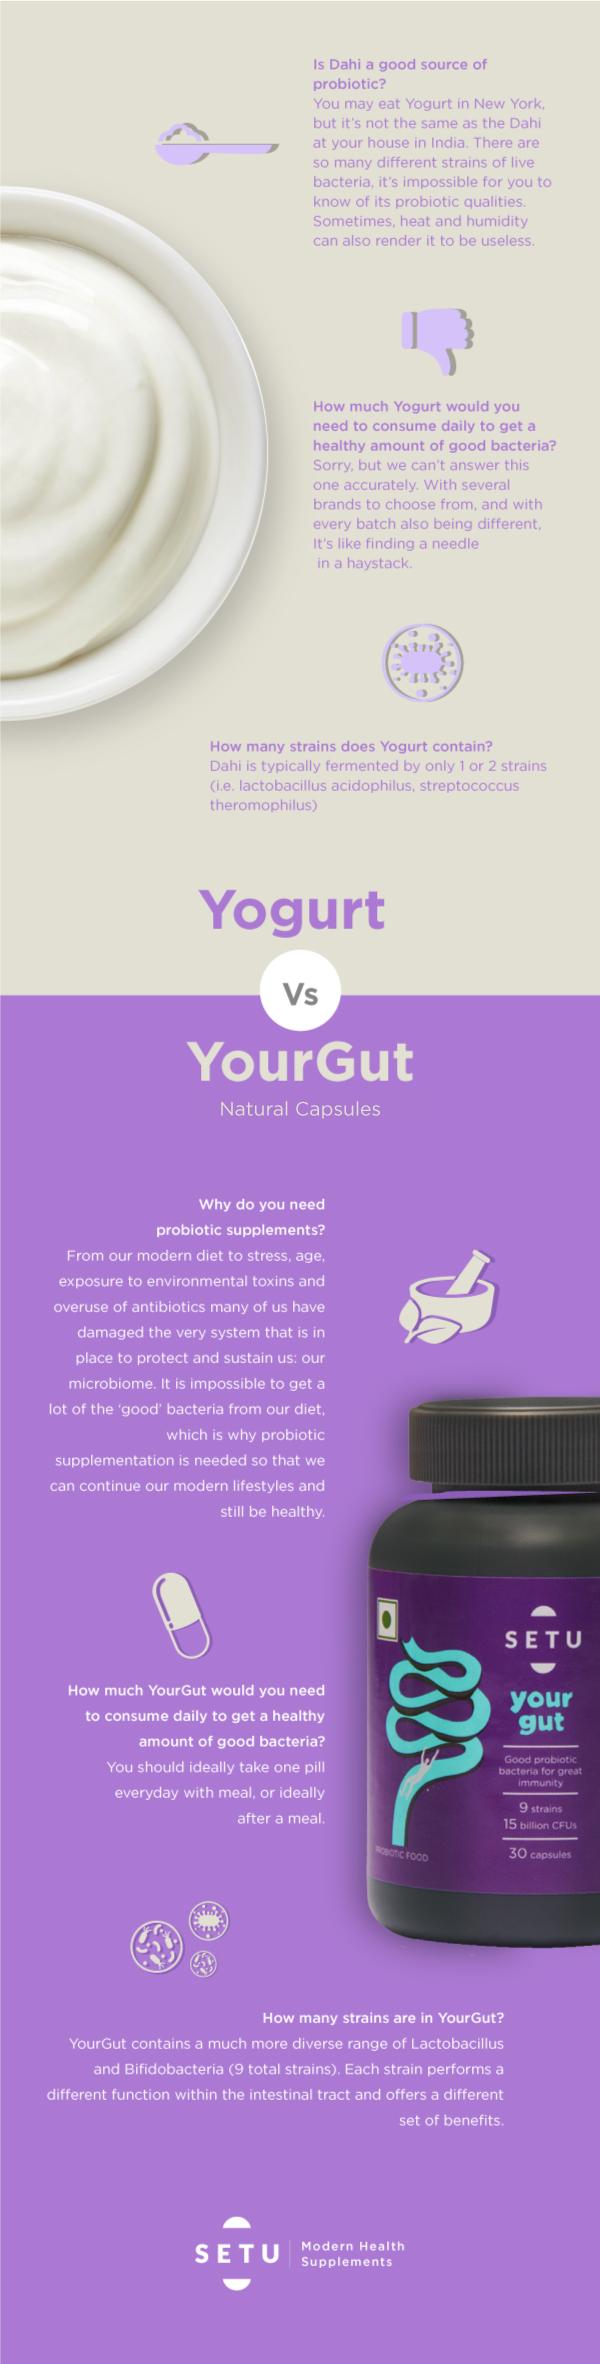 Yogurt vs yourgut